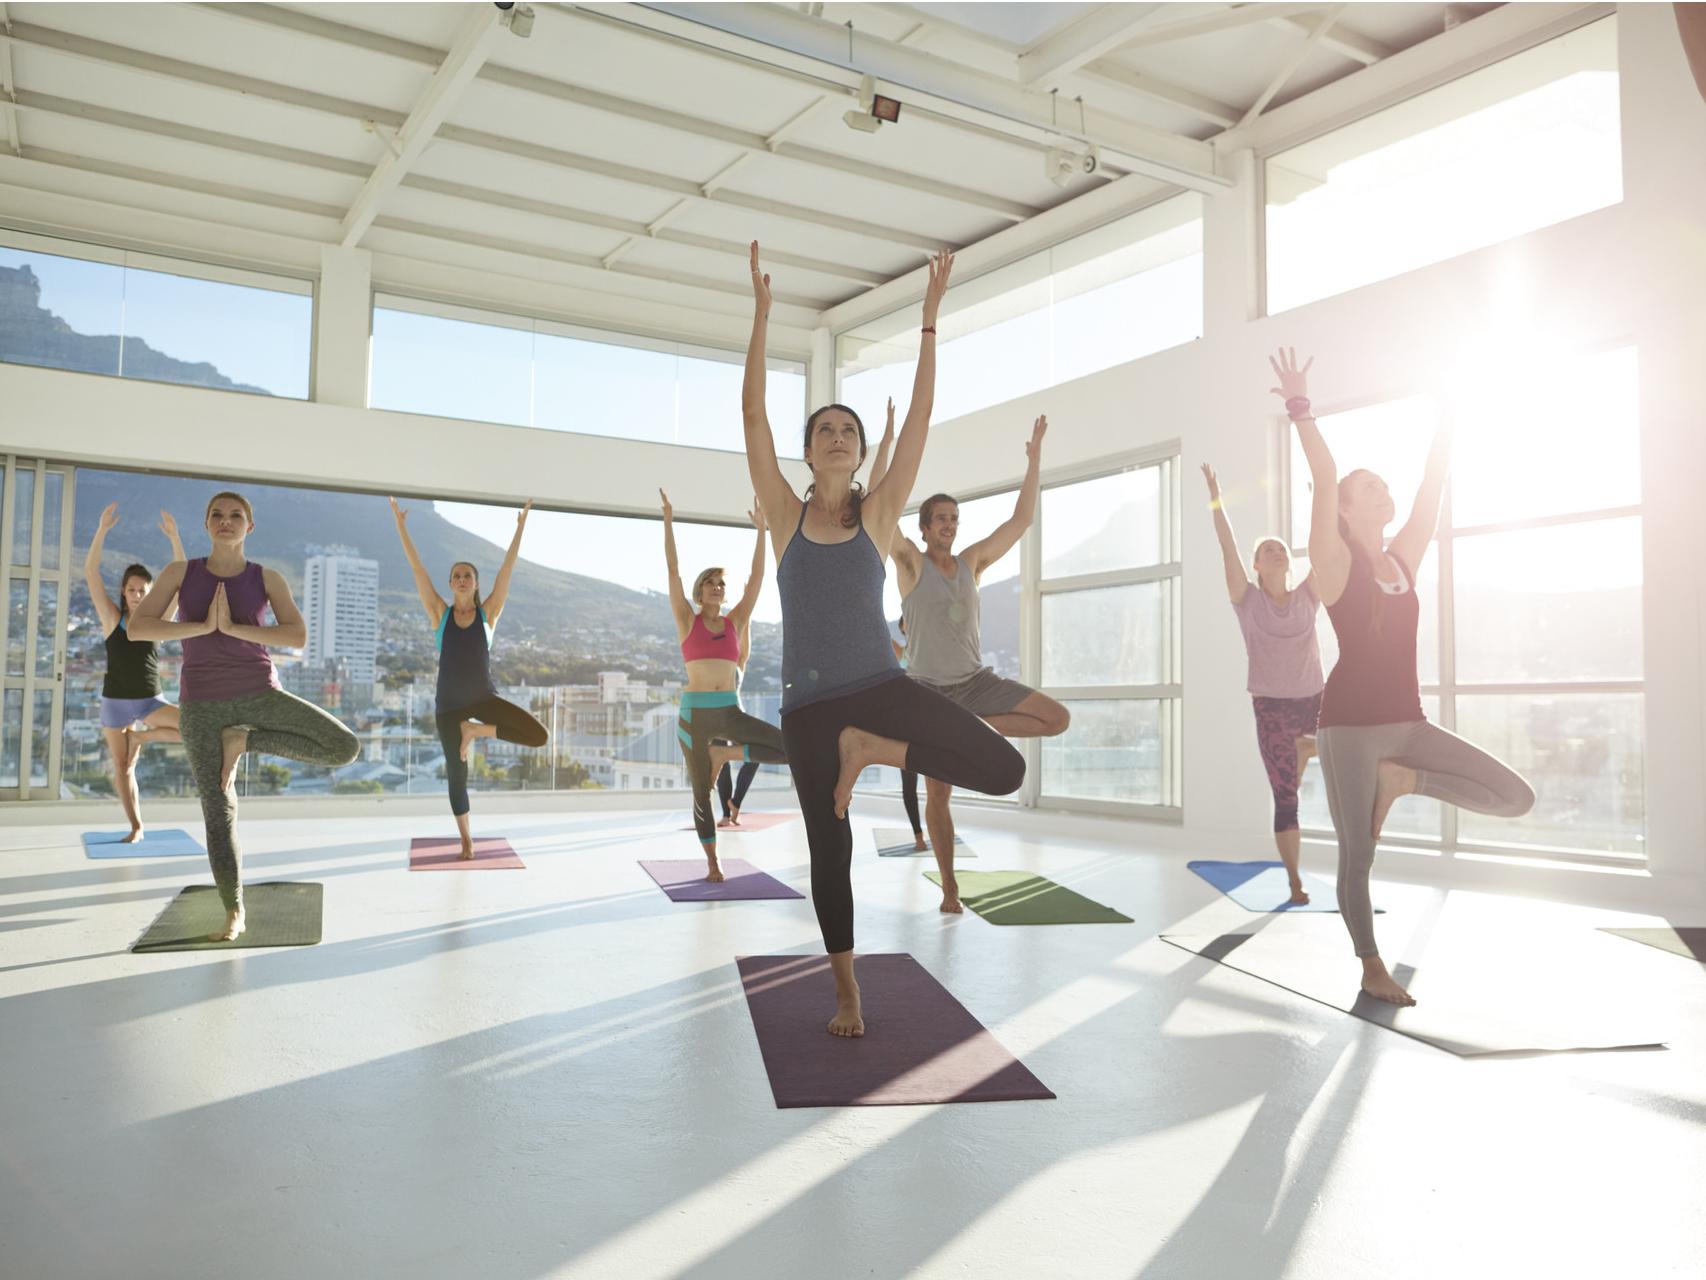 Йога — правильный путь к здоровой осанке и правильным мыслям